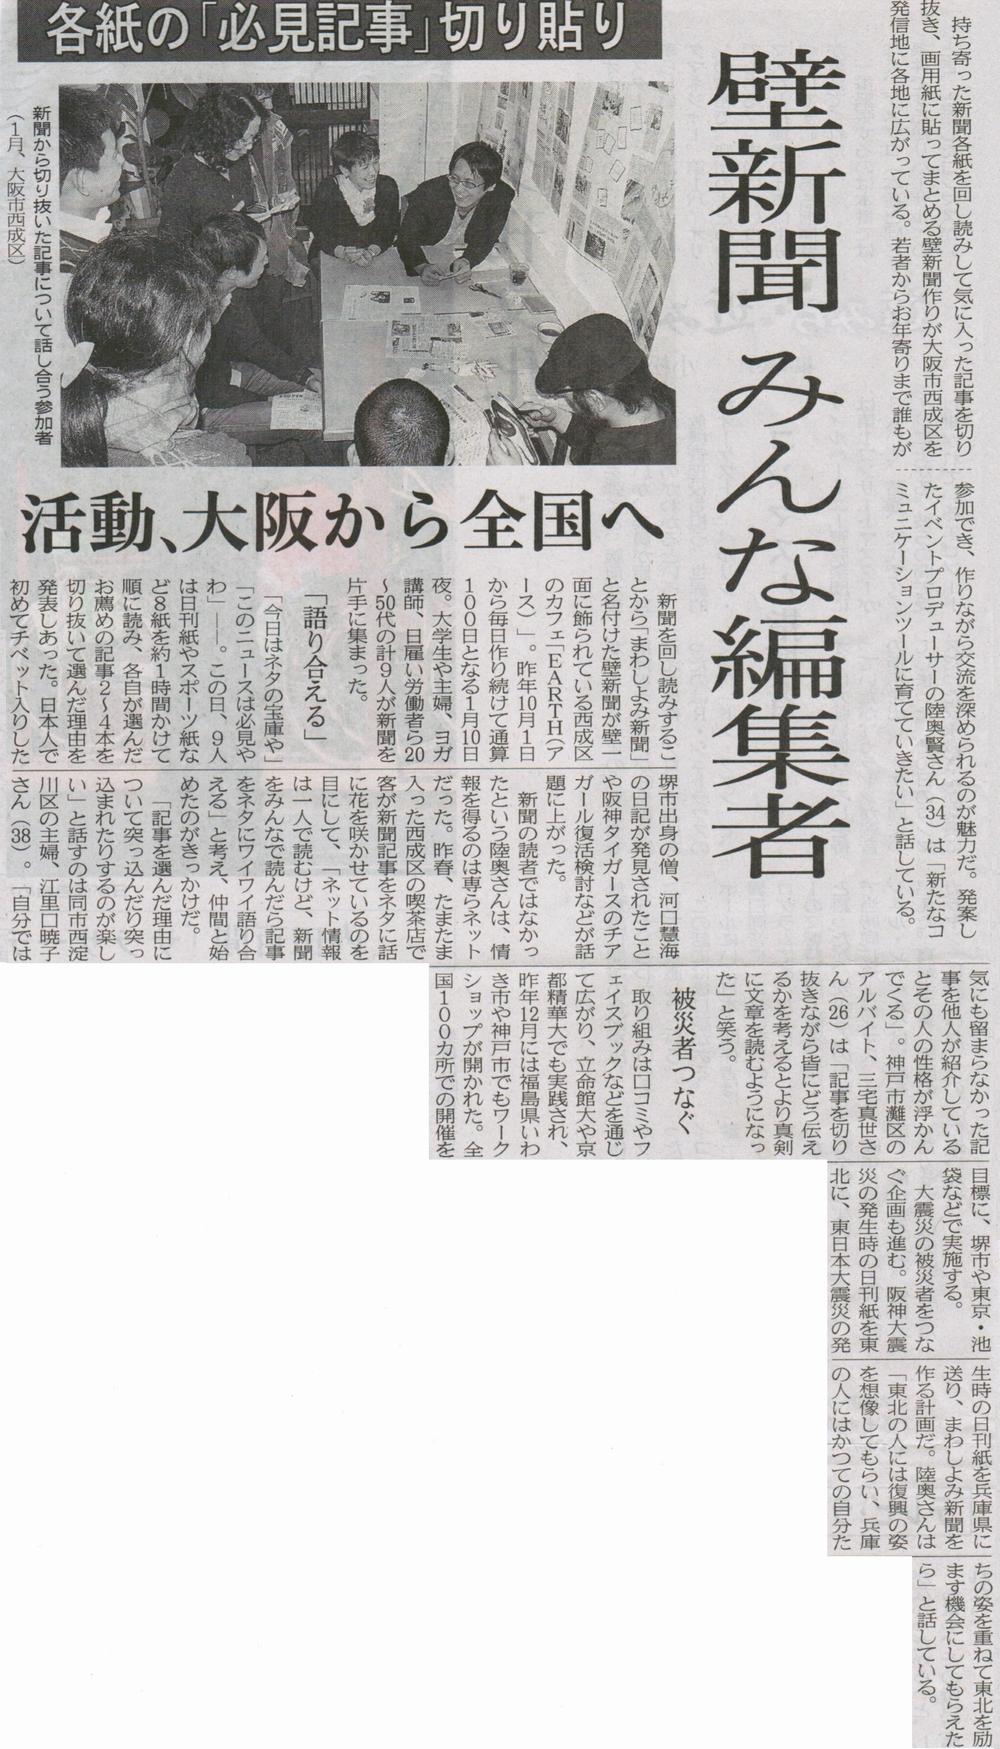 日本経済新聞記事0202